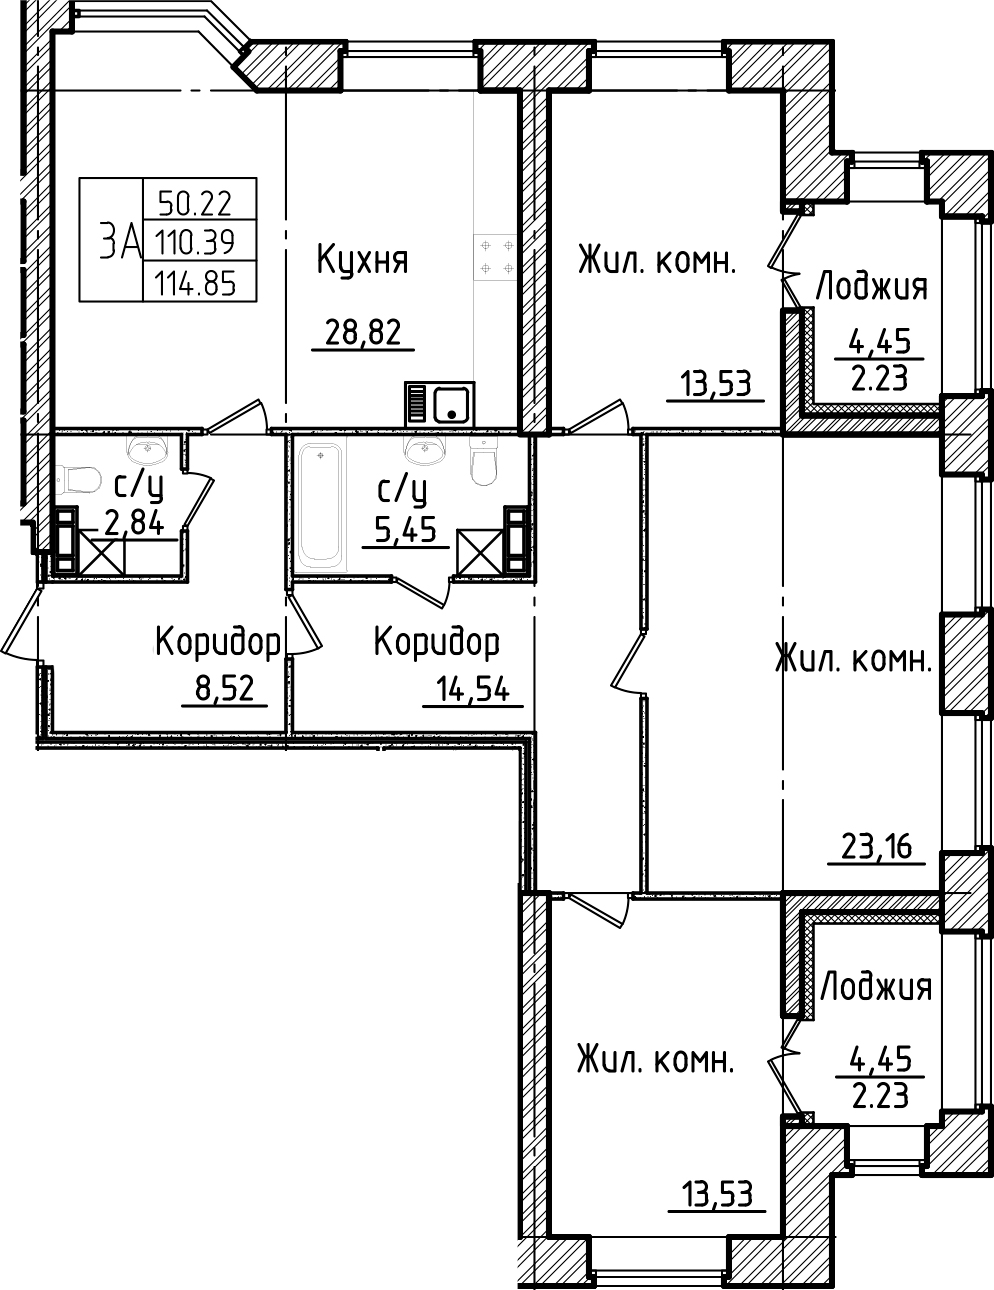 3-комнатная, 114.85 м²– 2